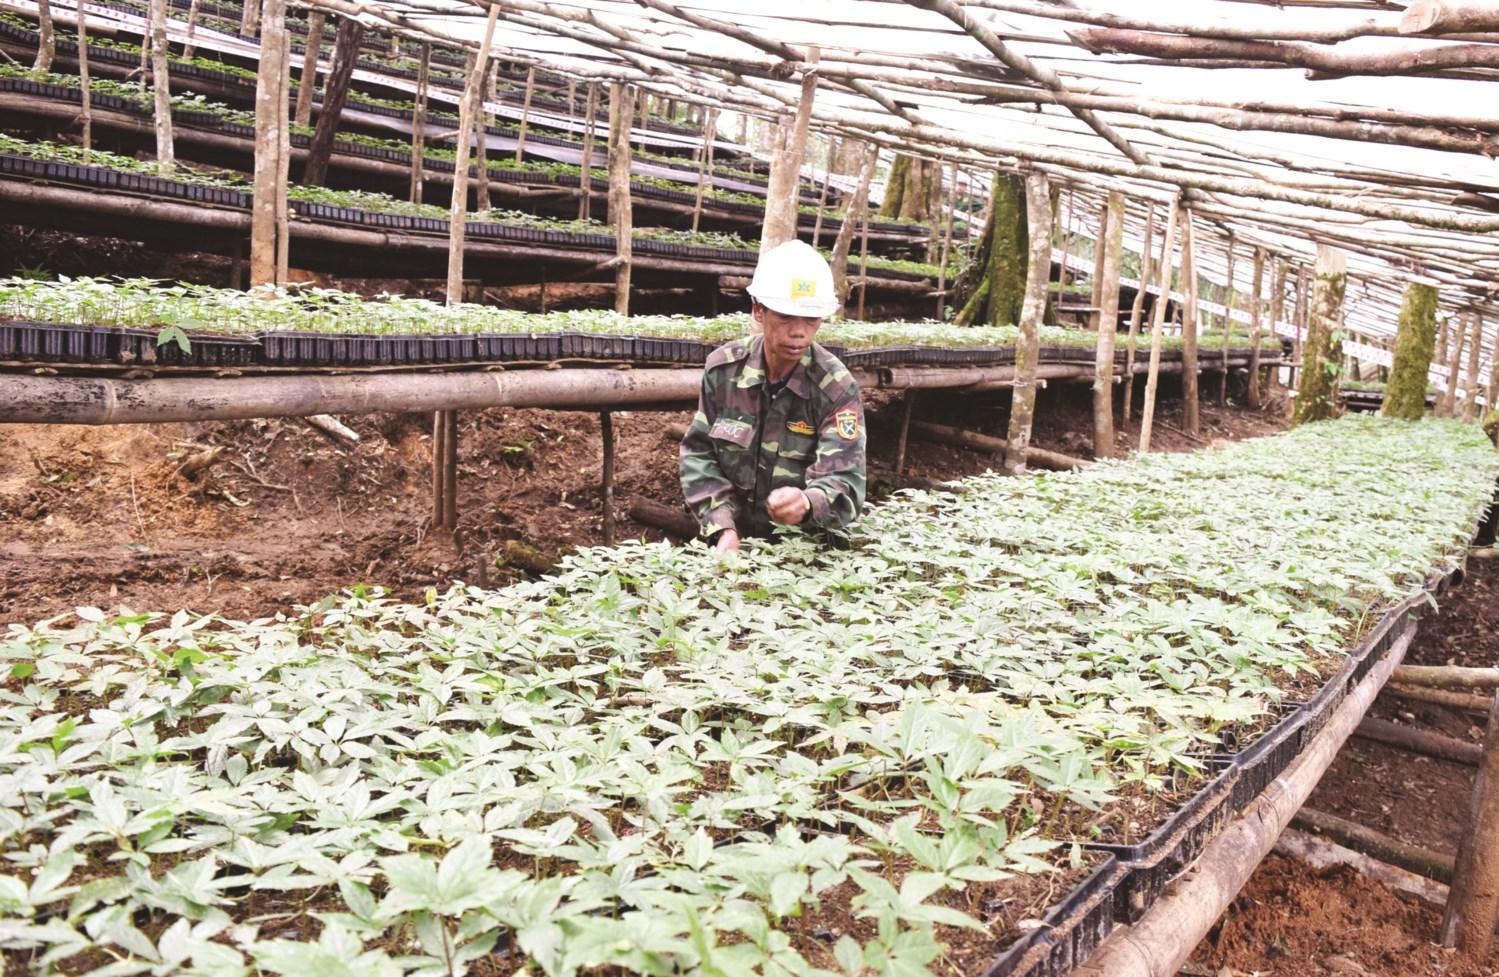 Vườn Sâm Ngọc Linh giống của Công ty CP SNL Kon Tum trên núi Ngọc Linh, thuộc địa phận huyện Tu Mơ Rông